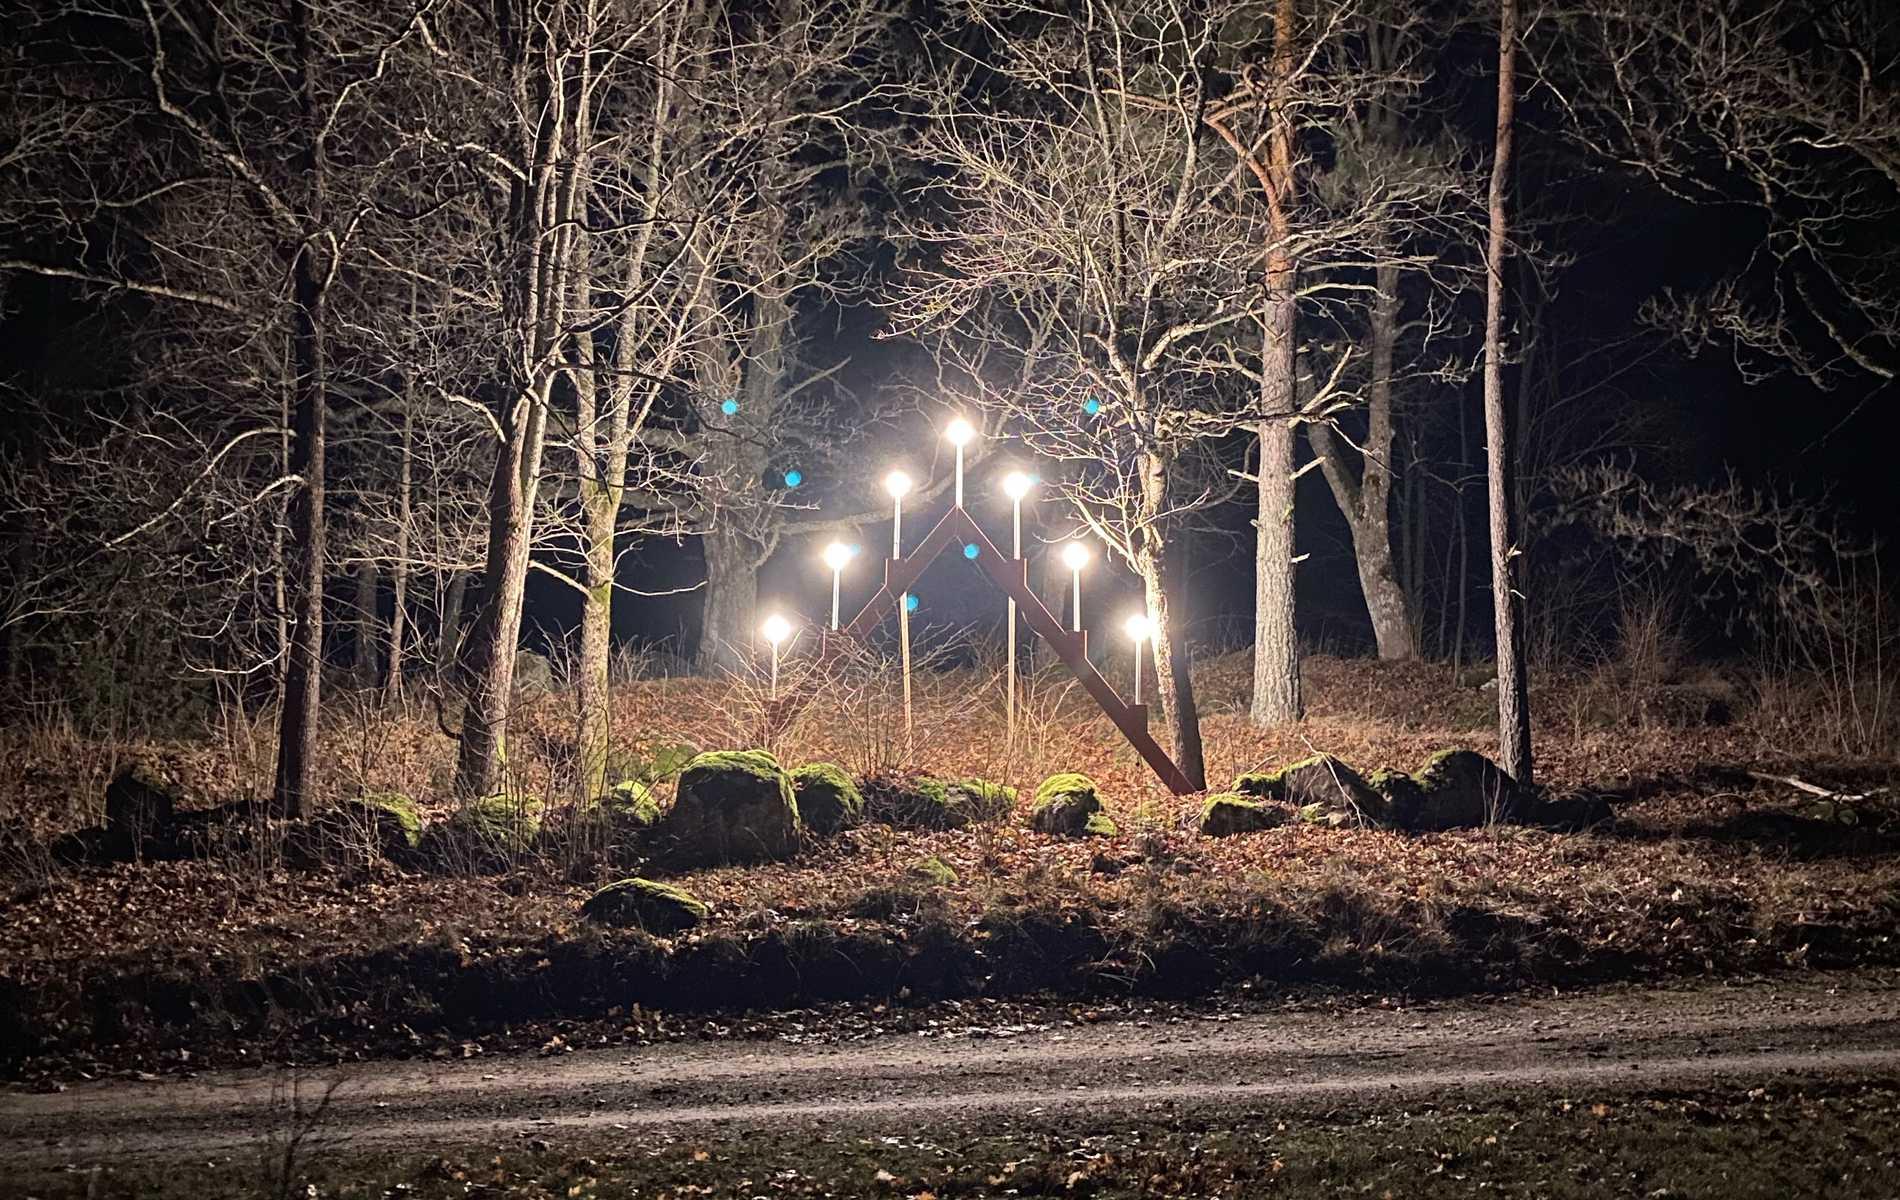 Paret vill att ljusstaken ska lysa upp när folk åker förbi.